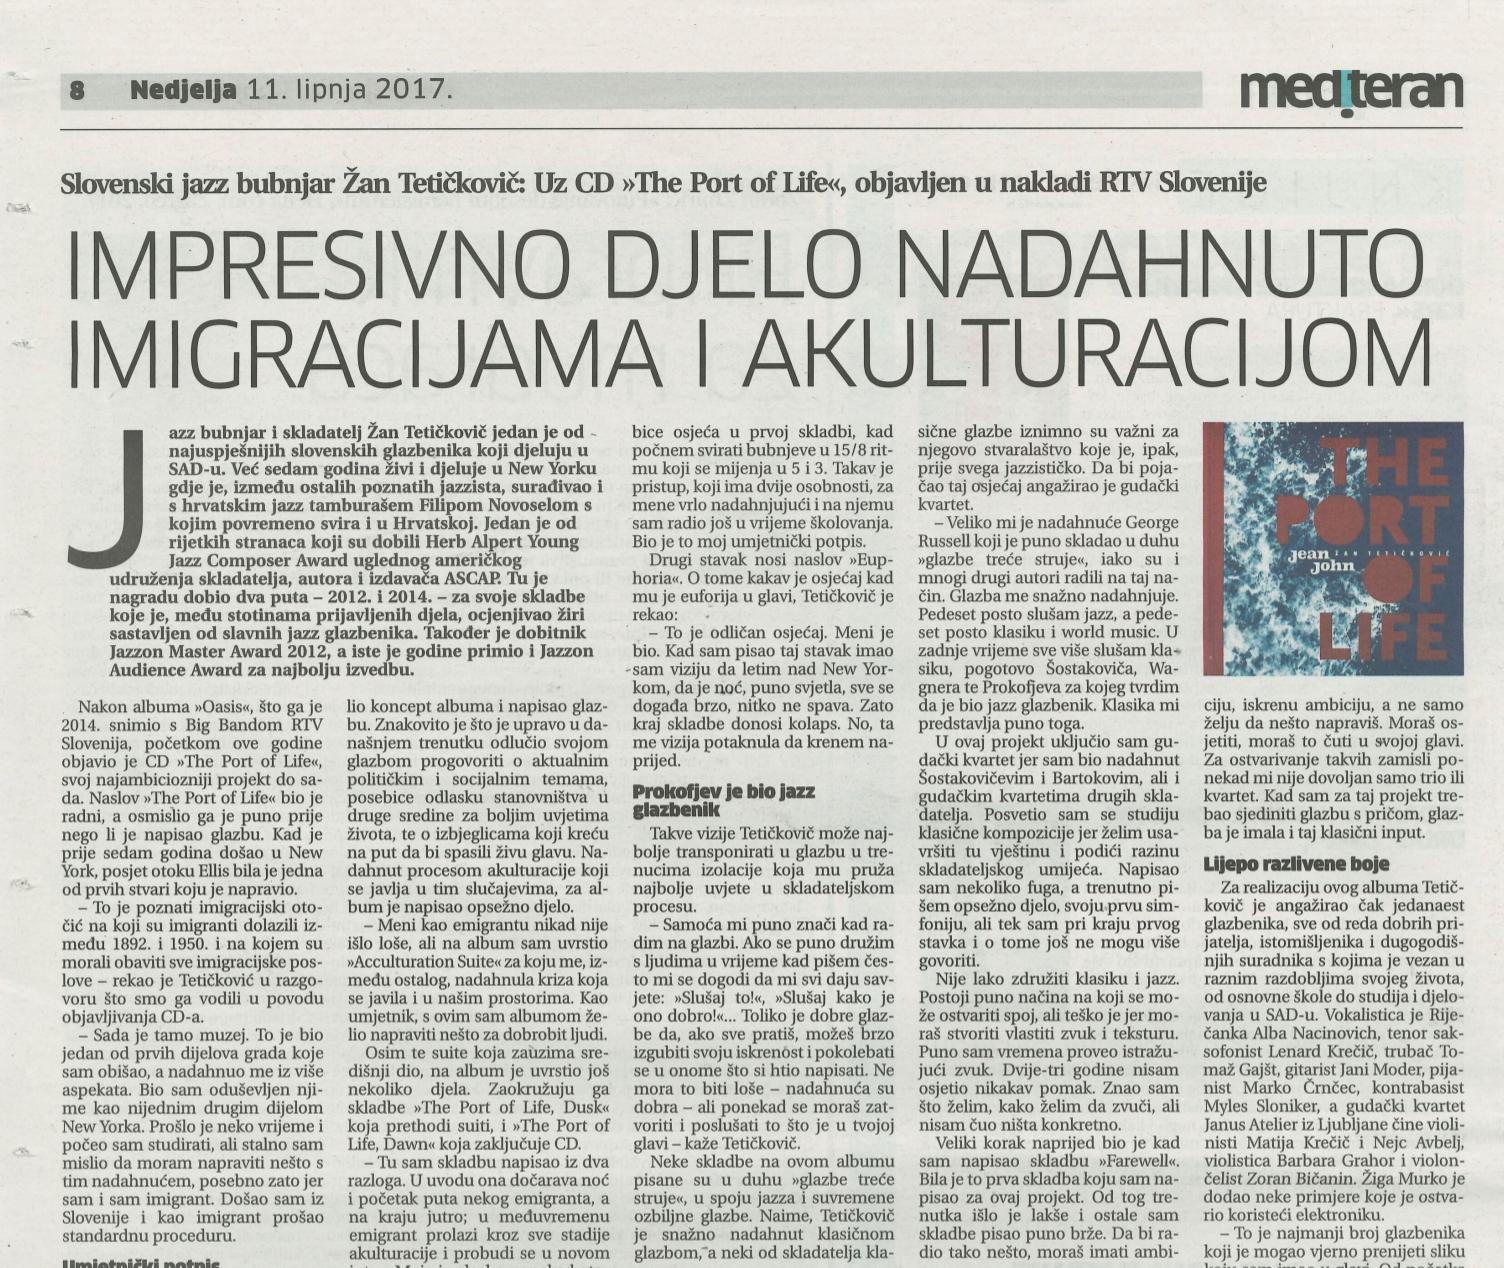 Impresivno djelo nadahnuto imigracijama i akulturacijom - Davor Hrvoj, 11. 6. 2017, Mediteran